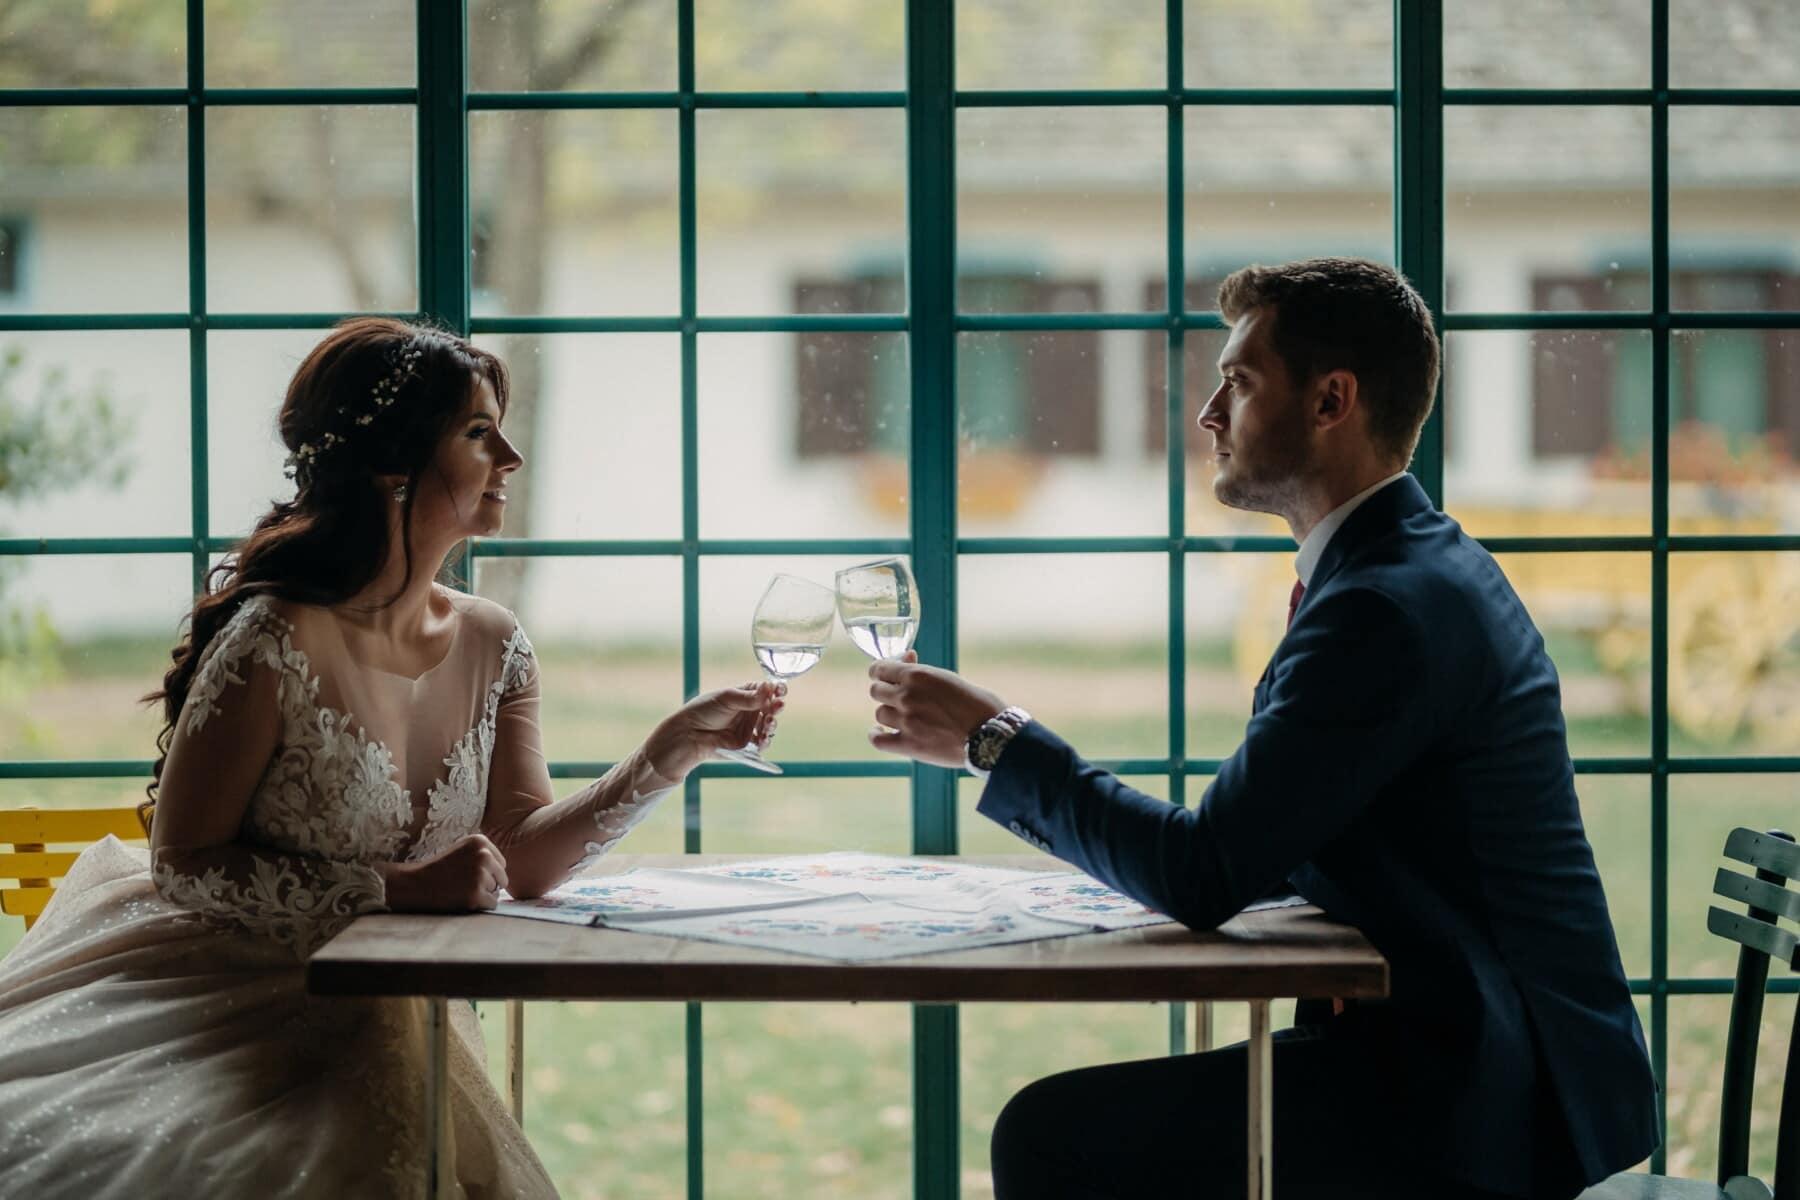 romantiska, flickvän, lunch, pojkvän, champagne, sitter, tabell, herre, bybo, Vardagsrum